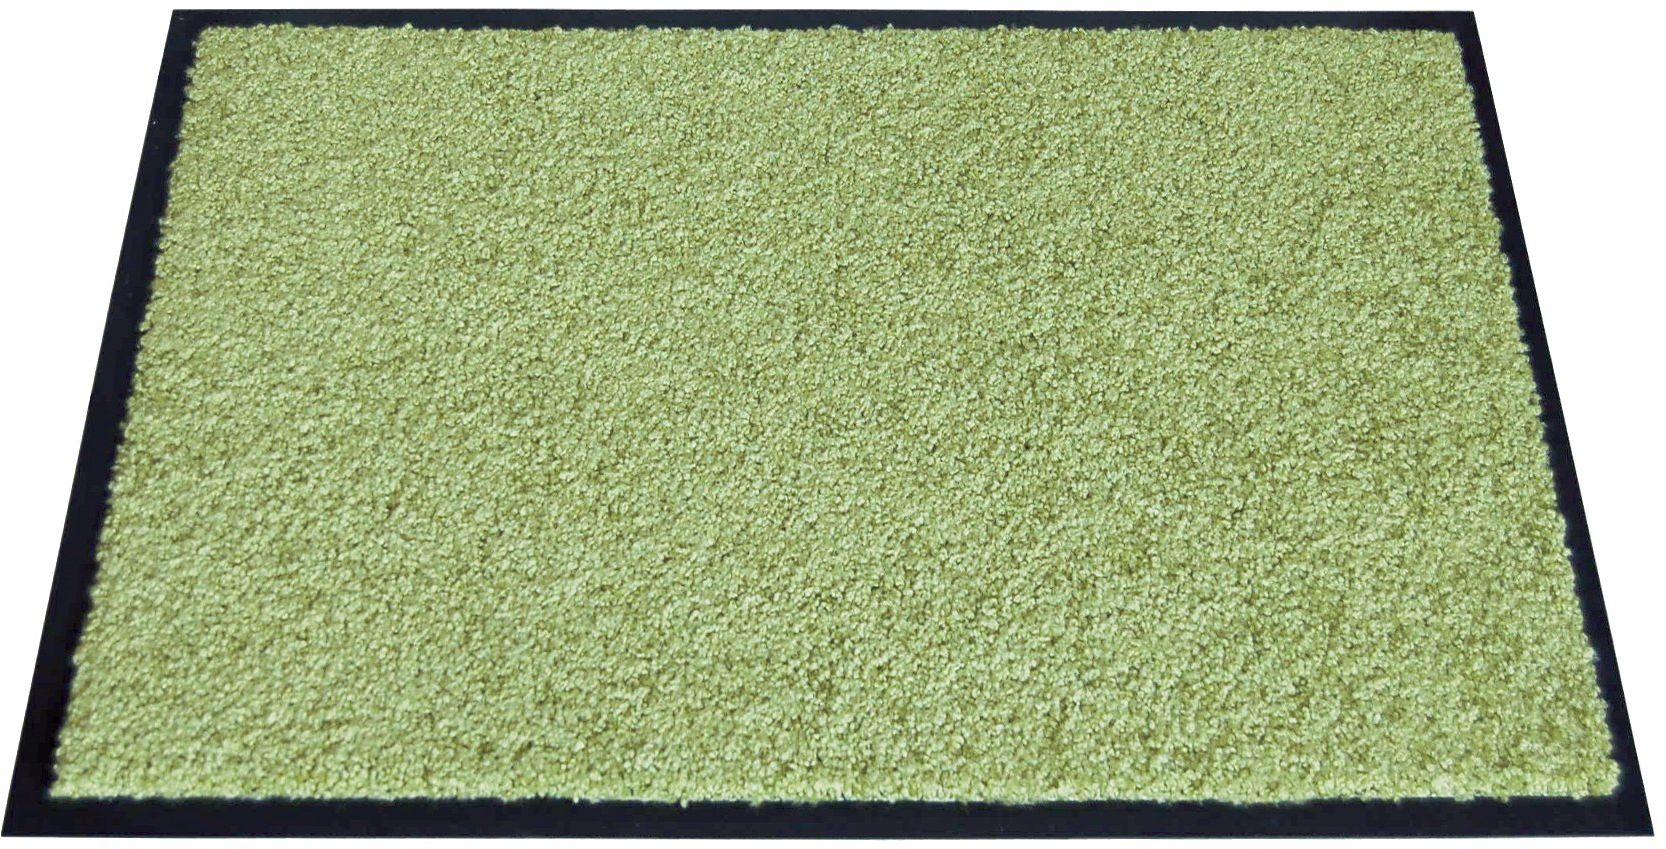 miltex Eazycare wycieraczka z pułapką na brud, zielona, 40 x 60 cm